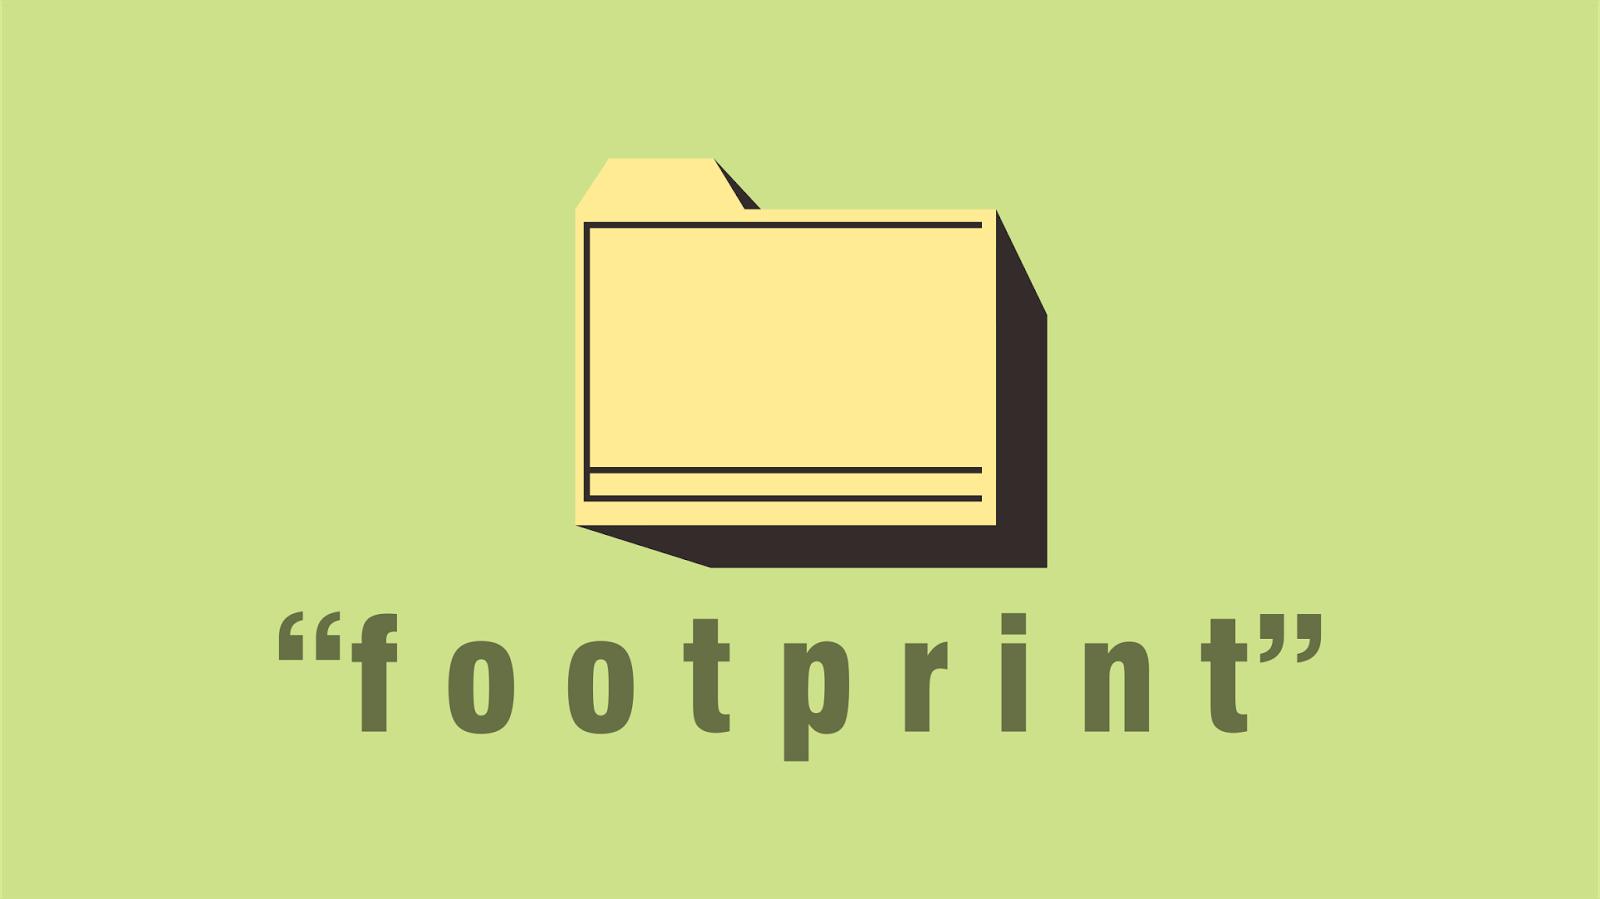 Footprint untuk mencari backlink